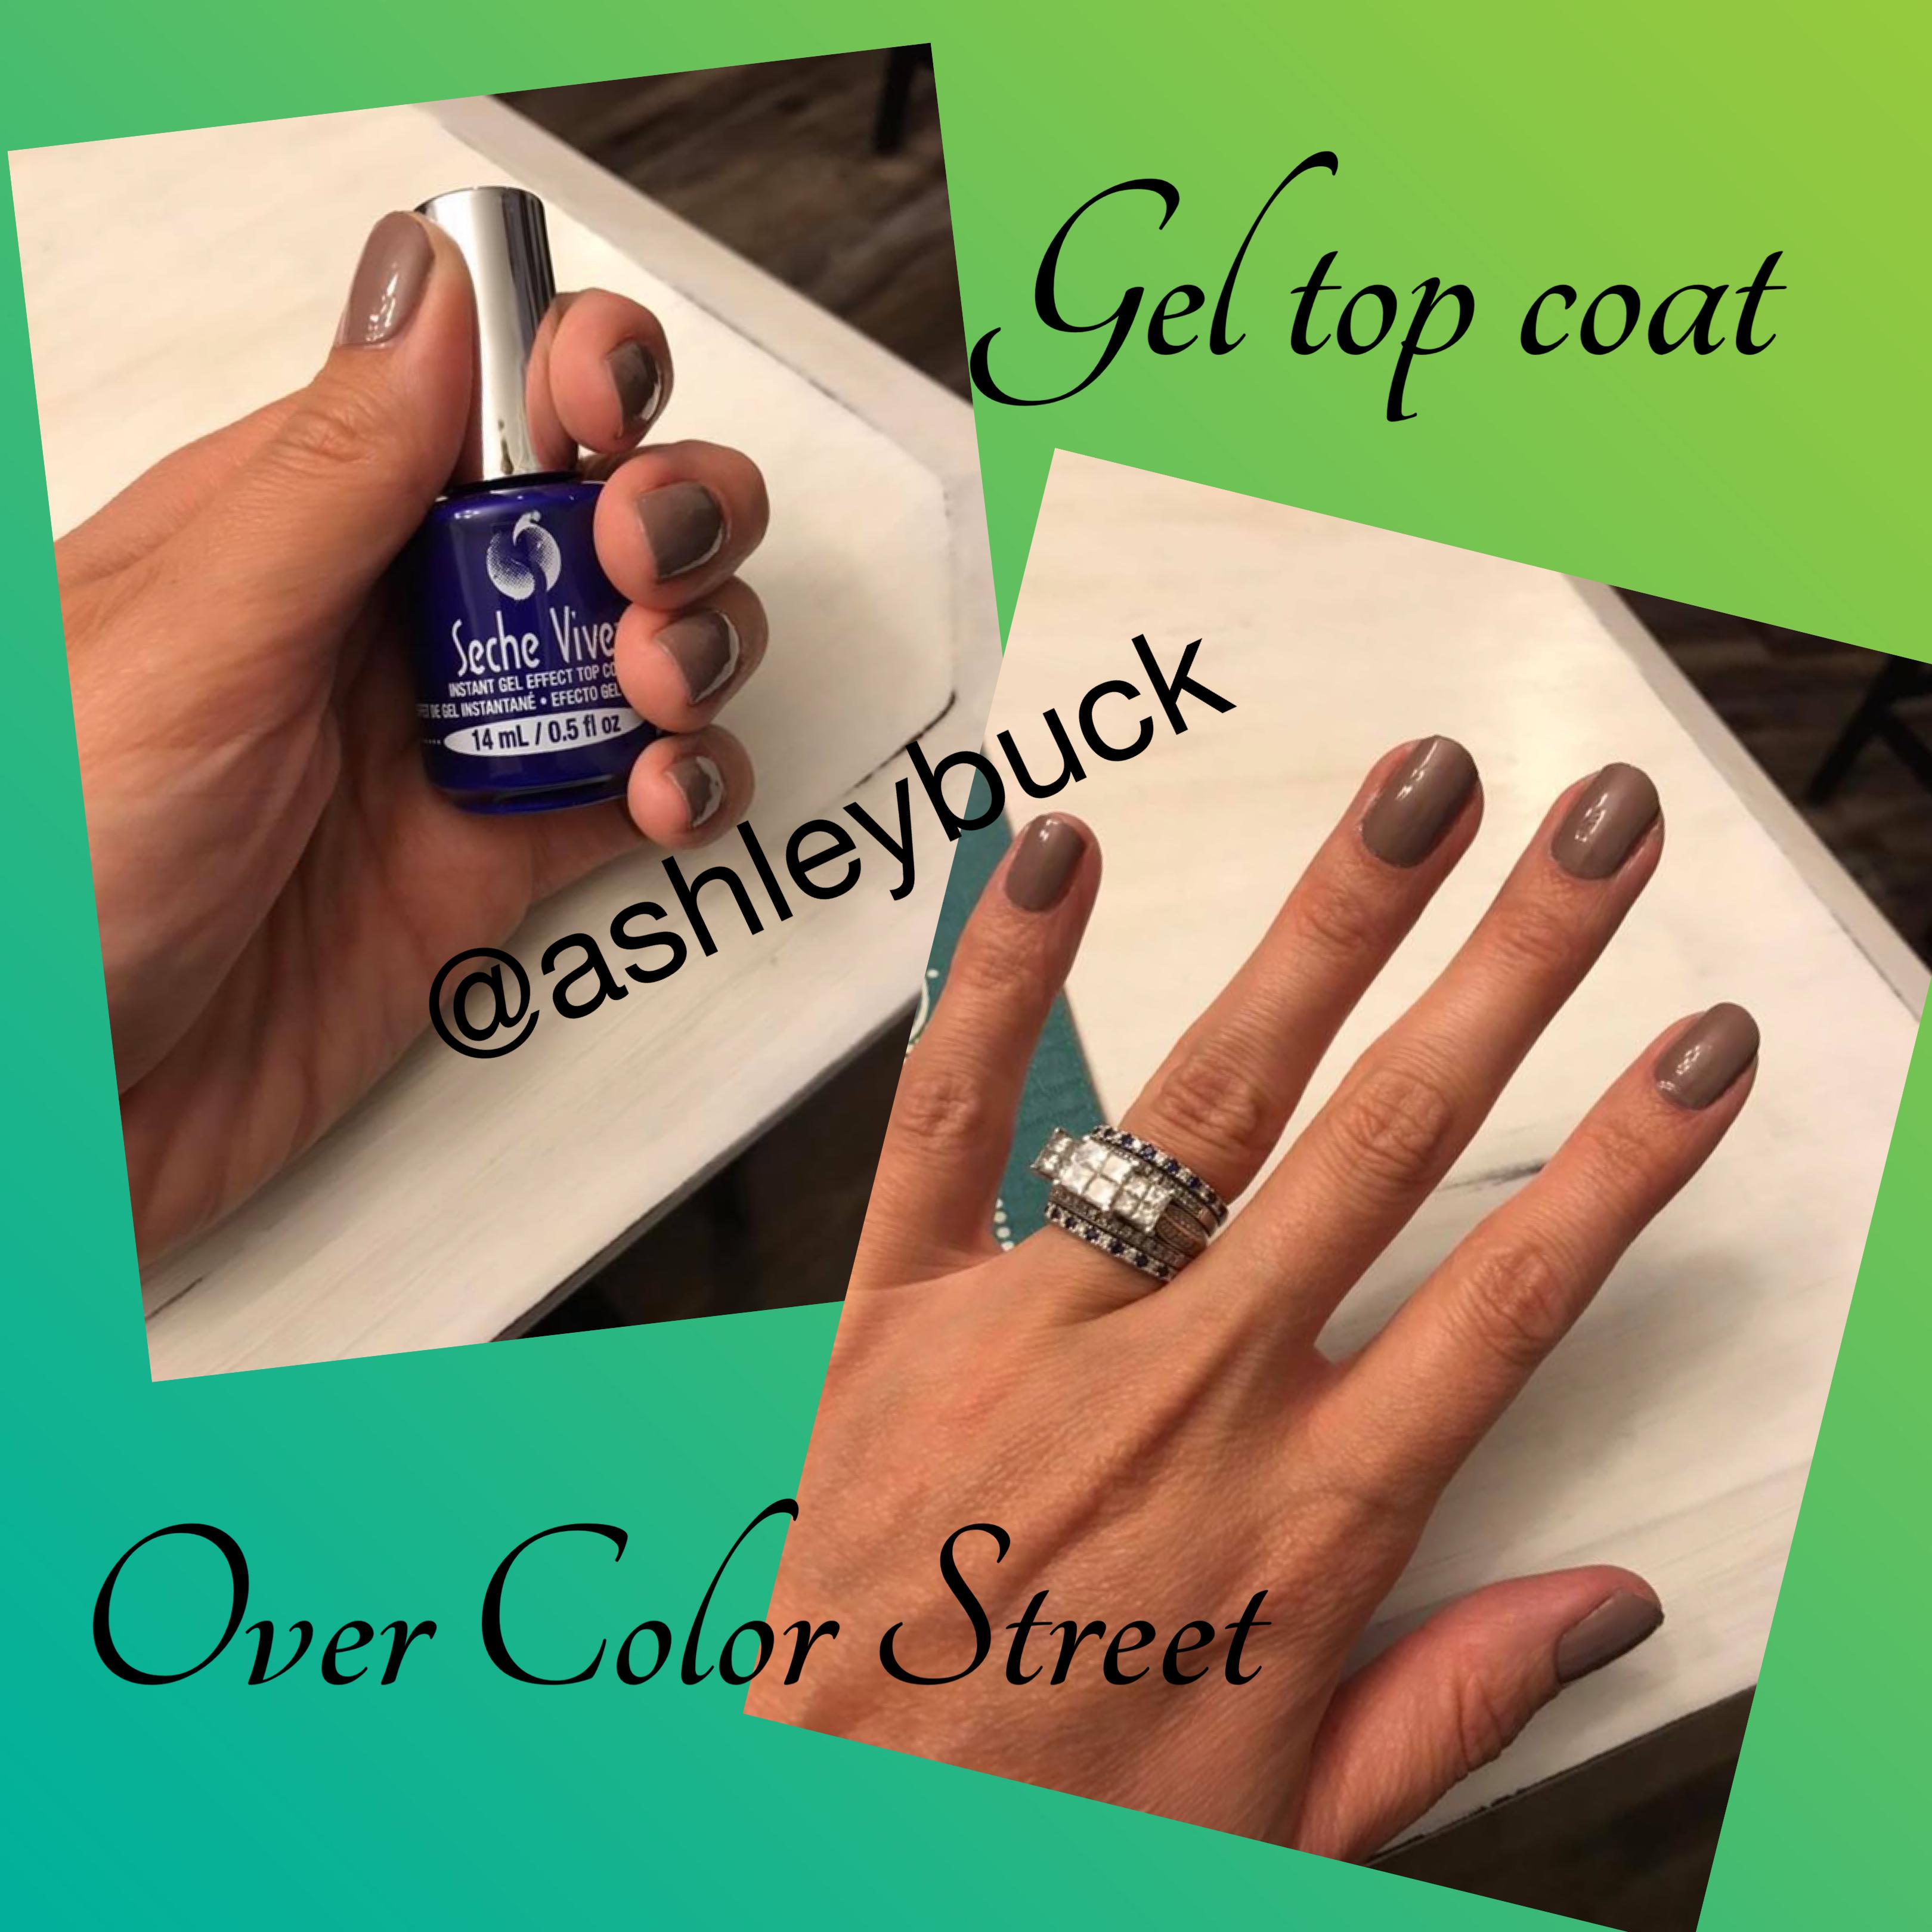 Gel Top Coat Over Your Color Street Strips Www Colorstreet Com Ashleybuck Color Street Color Street Nails Gel Top Coat